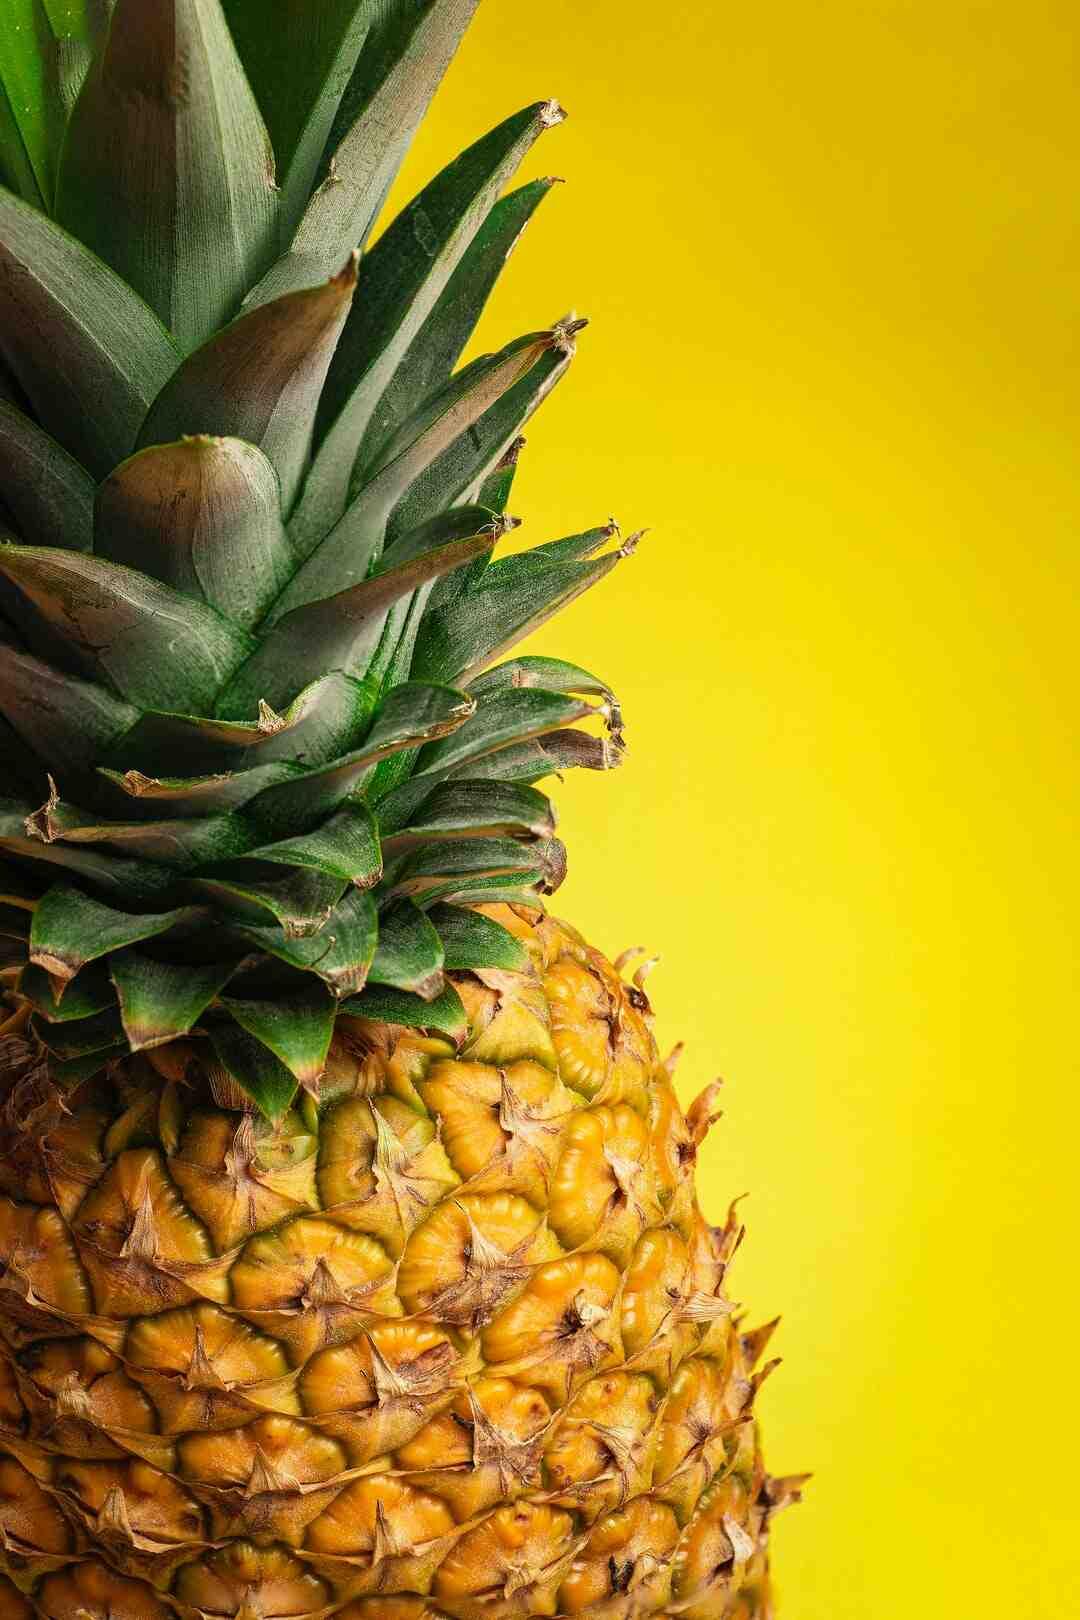 Comment manger de l'ananas